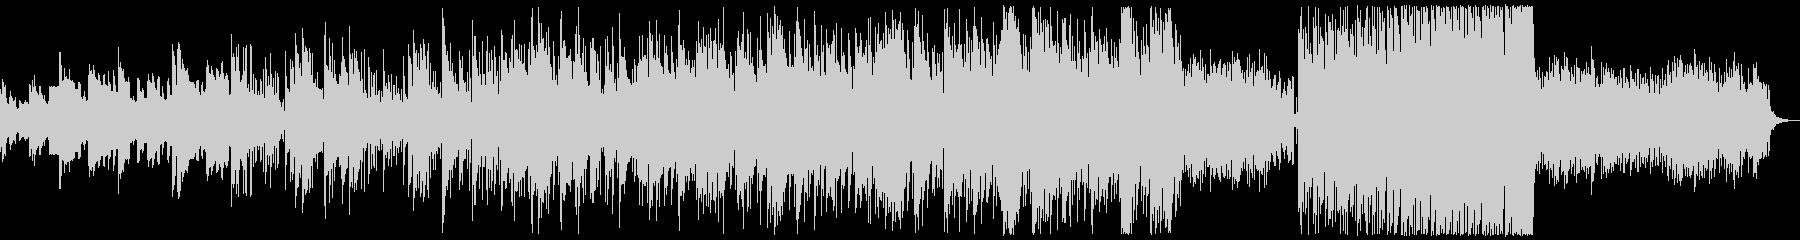 緩やかに盛り上がるピアノセンチメンタル曲の未再生の波形